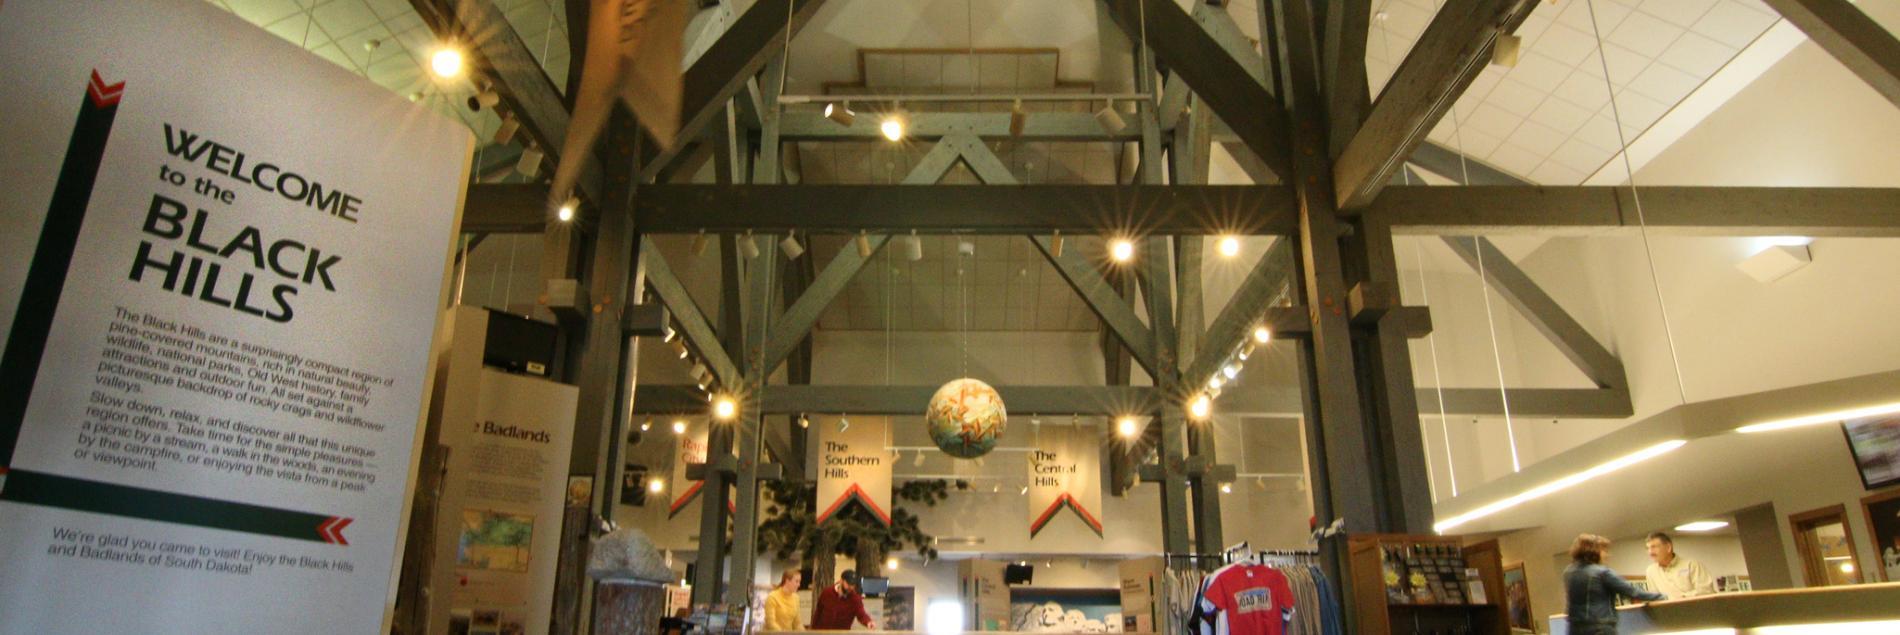 Black Hills Visitor Information Center